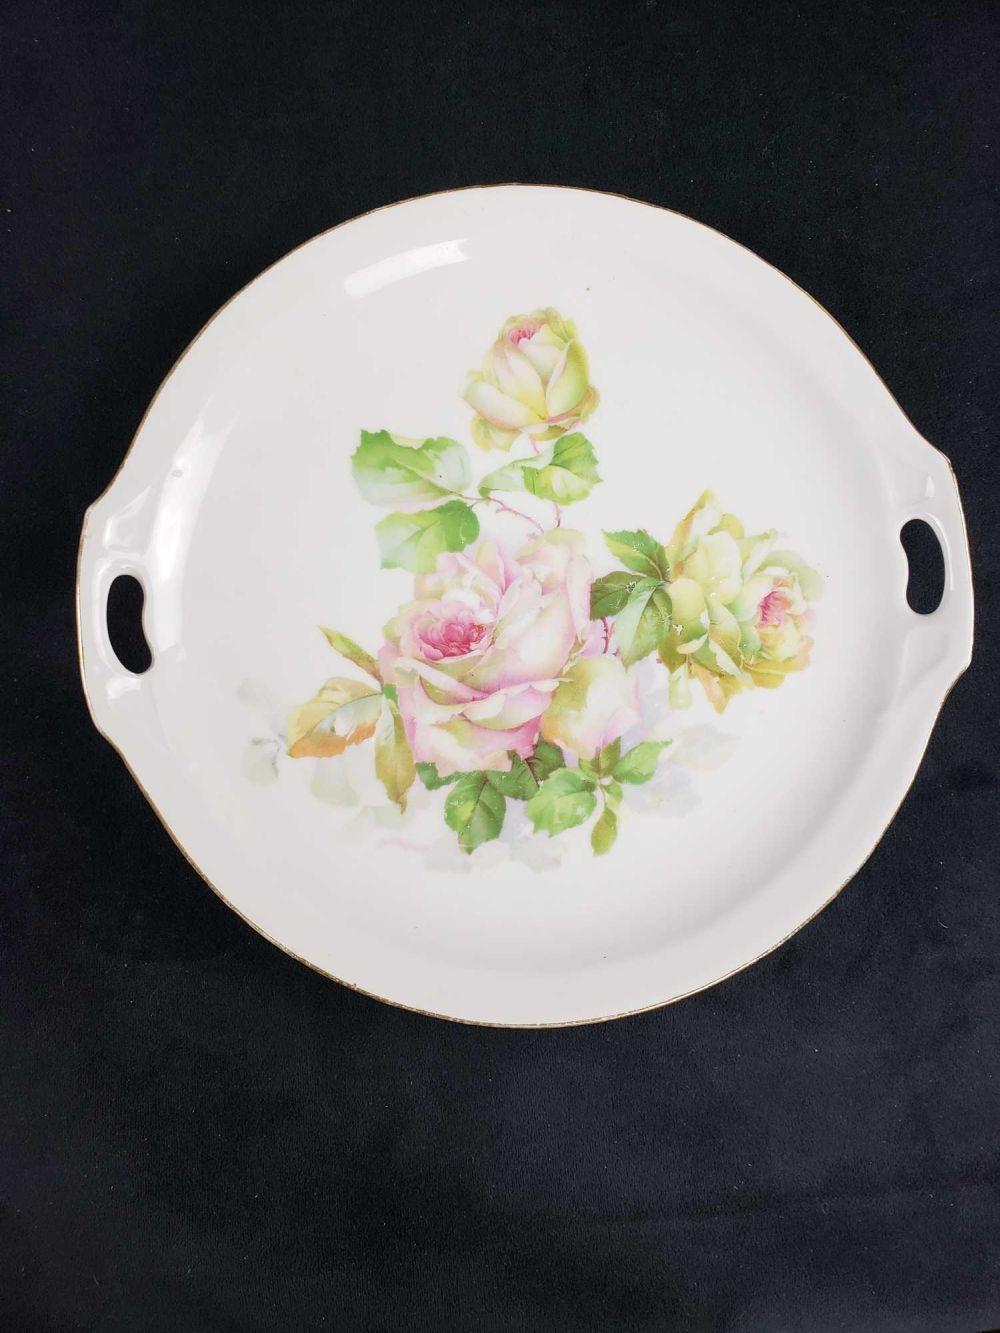 Lot 811: Lot of 5 Porcelain Plates